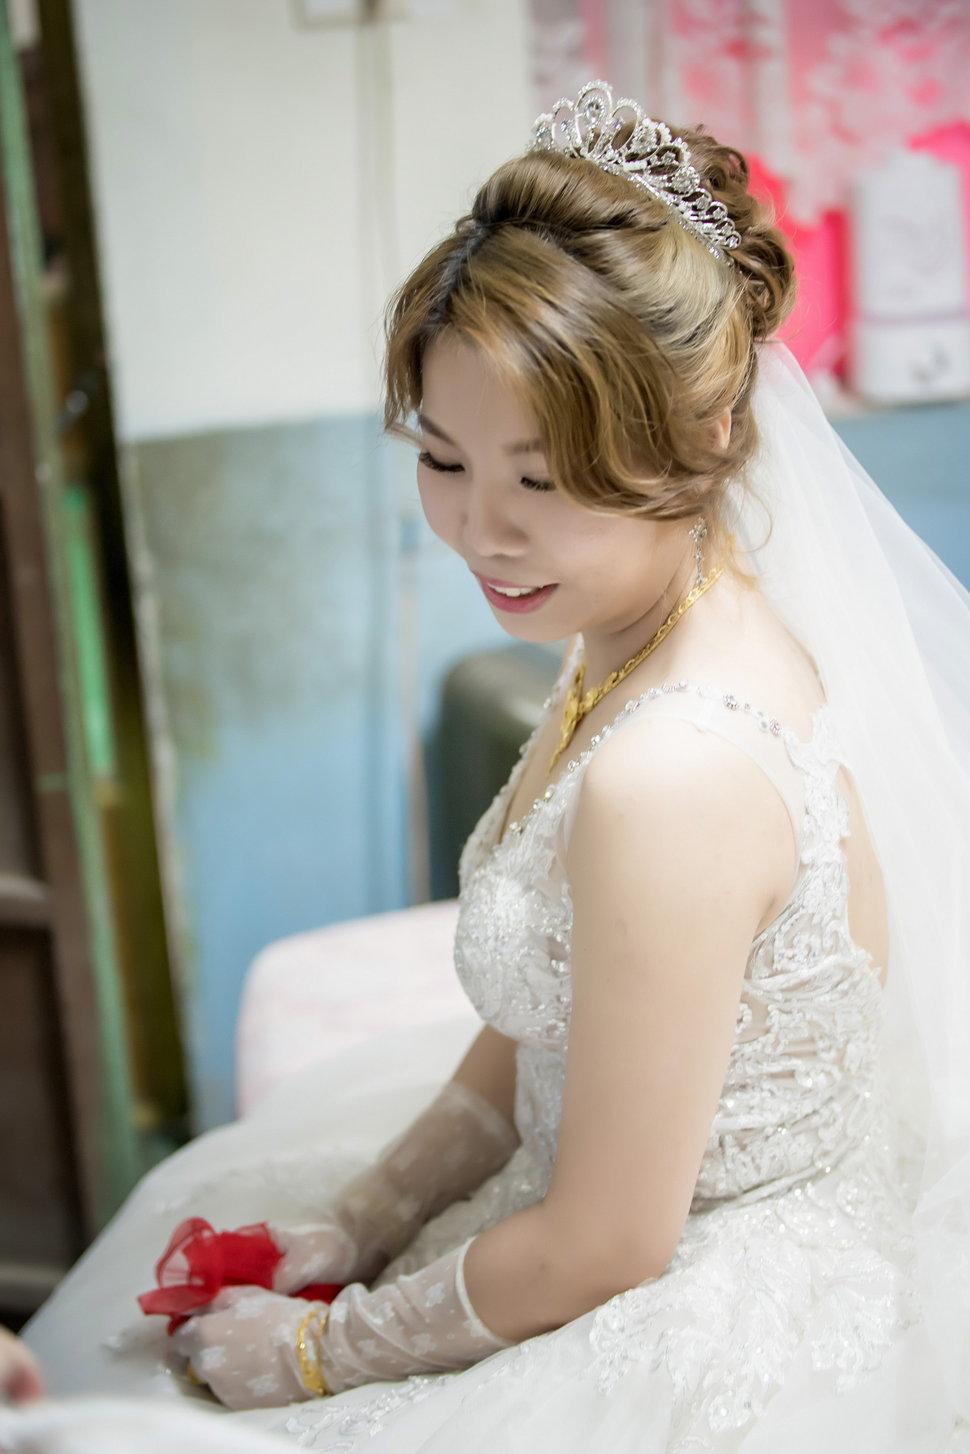 1 (31) - Daco  攝影工作室《結婚吧》